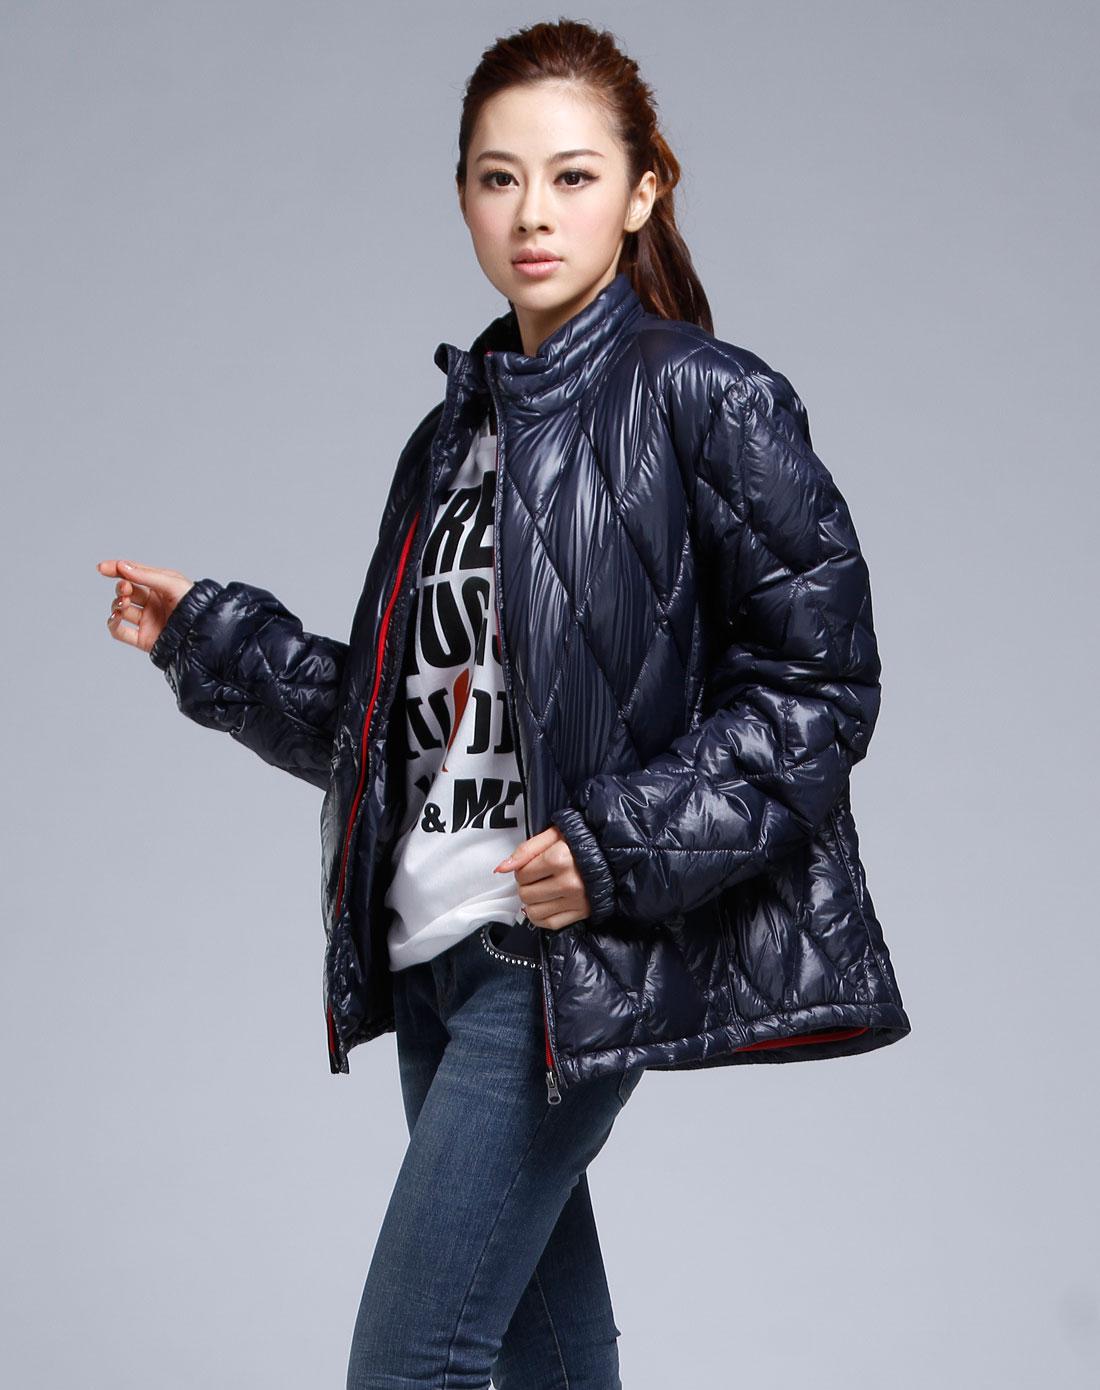 苍���n����b%�aj:f�_乔治·阿玛尼aj女款藏青色长袖外套76b5595_唯品会